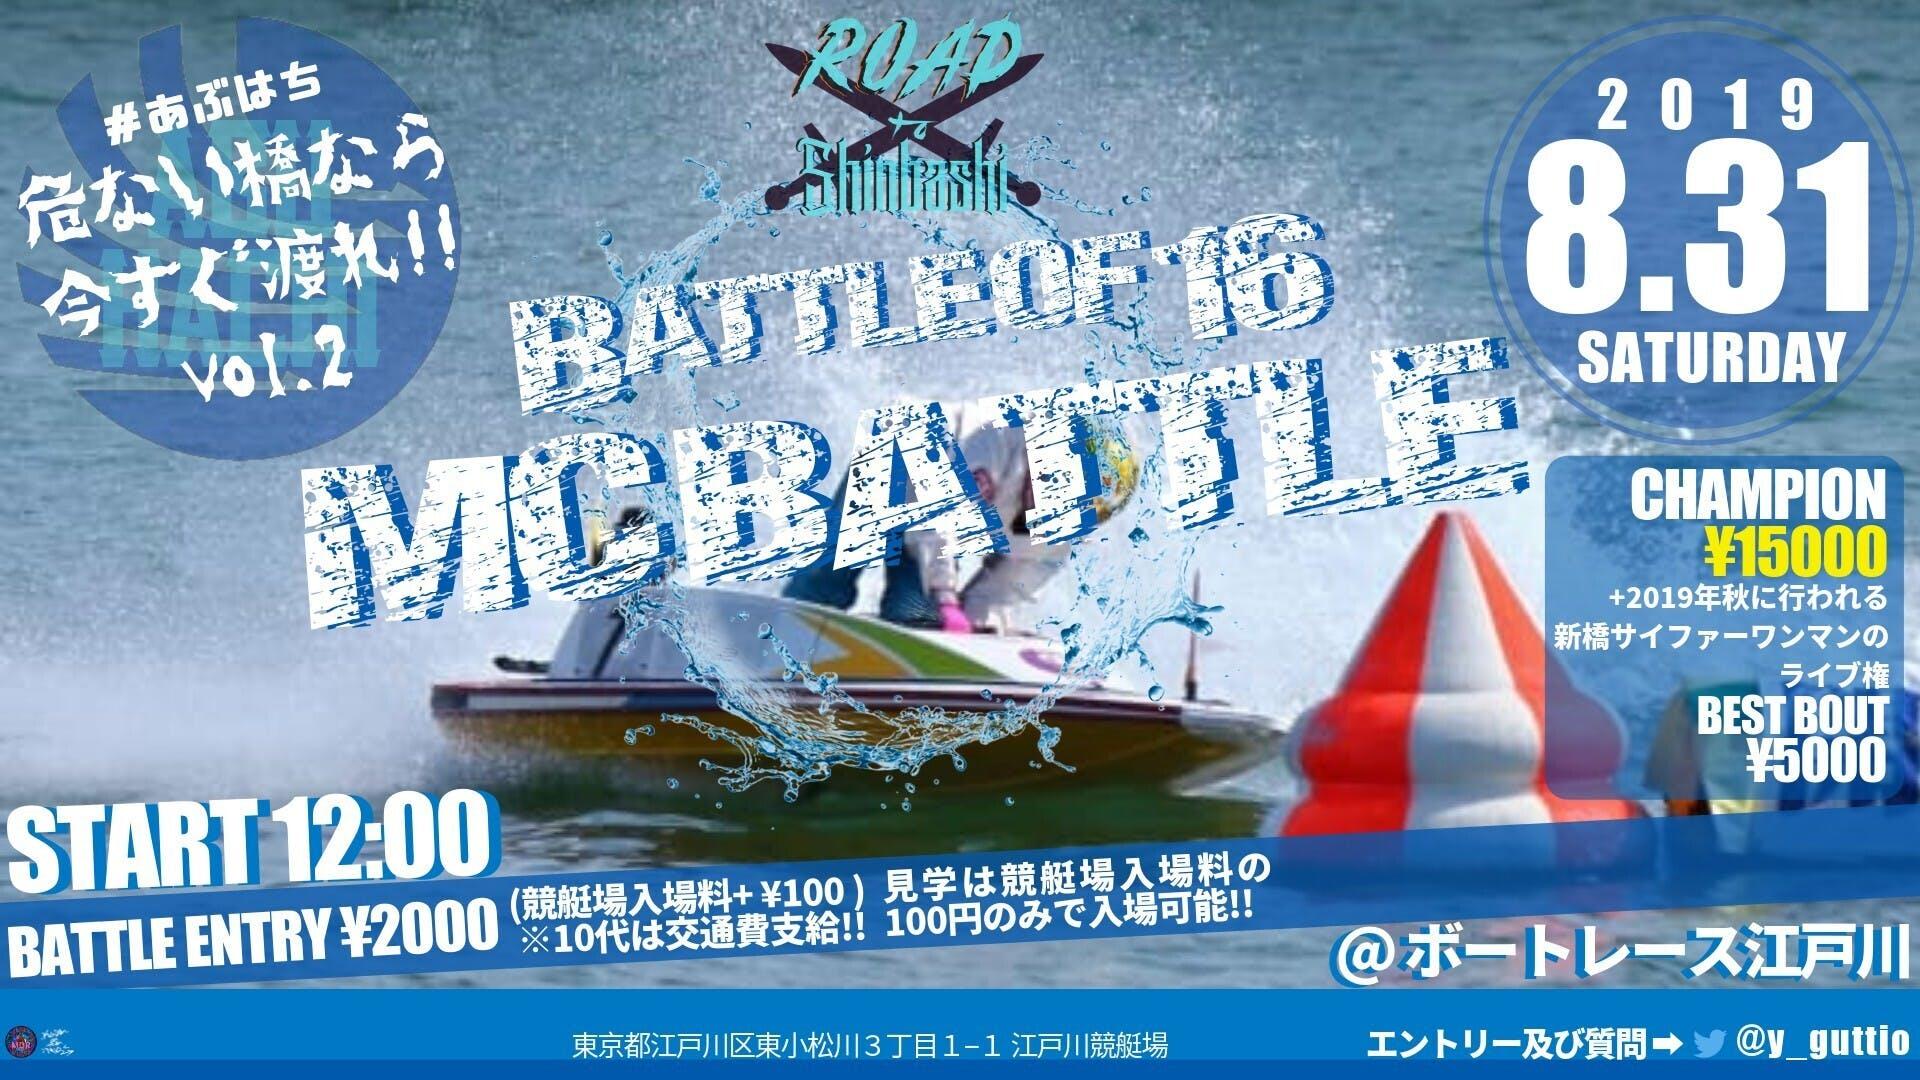 江戸川 競艇 レース リプレイ